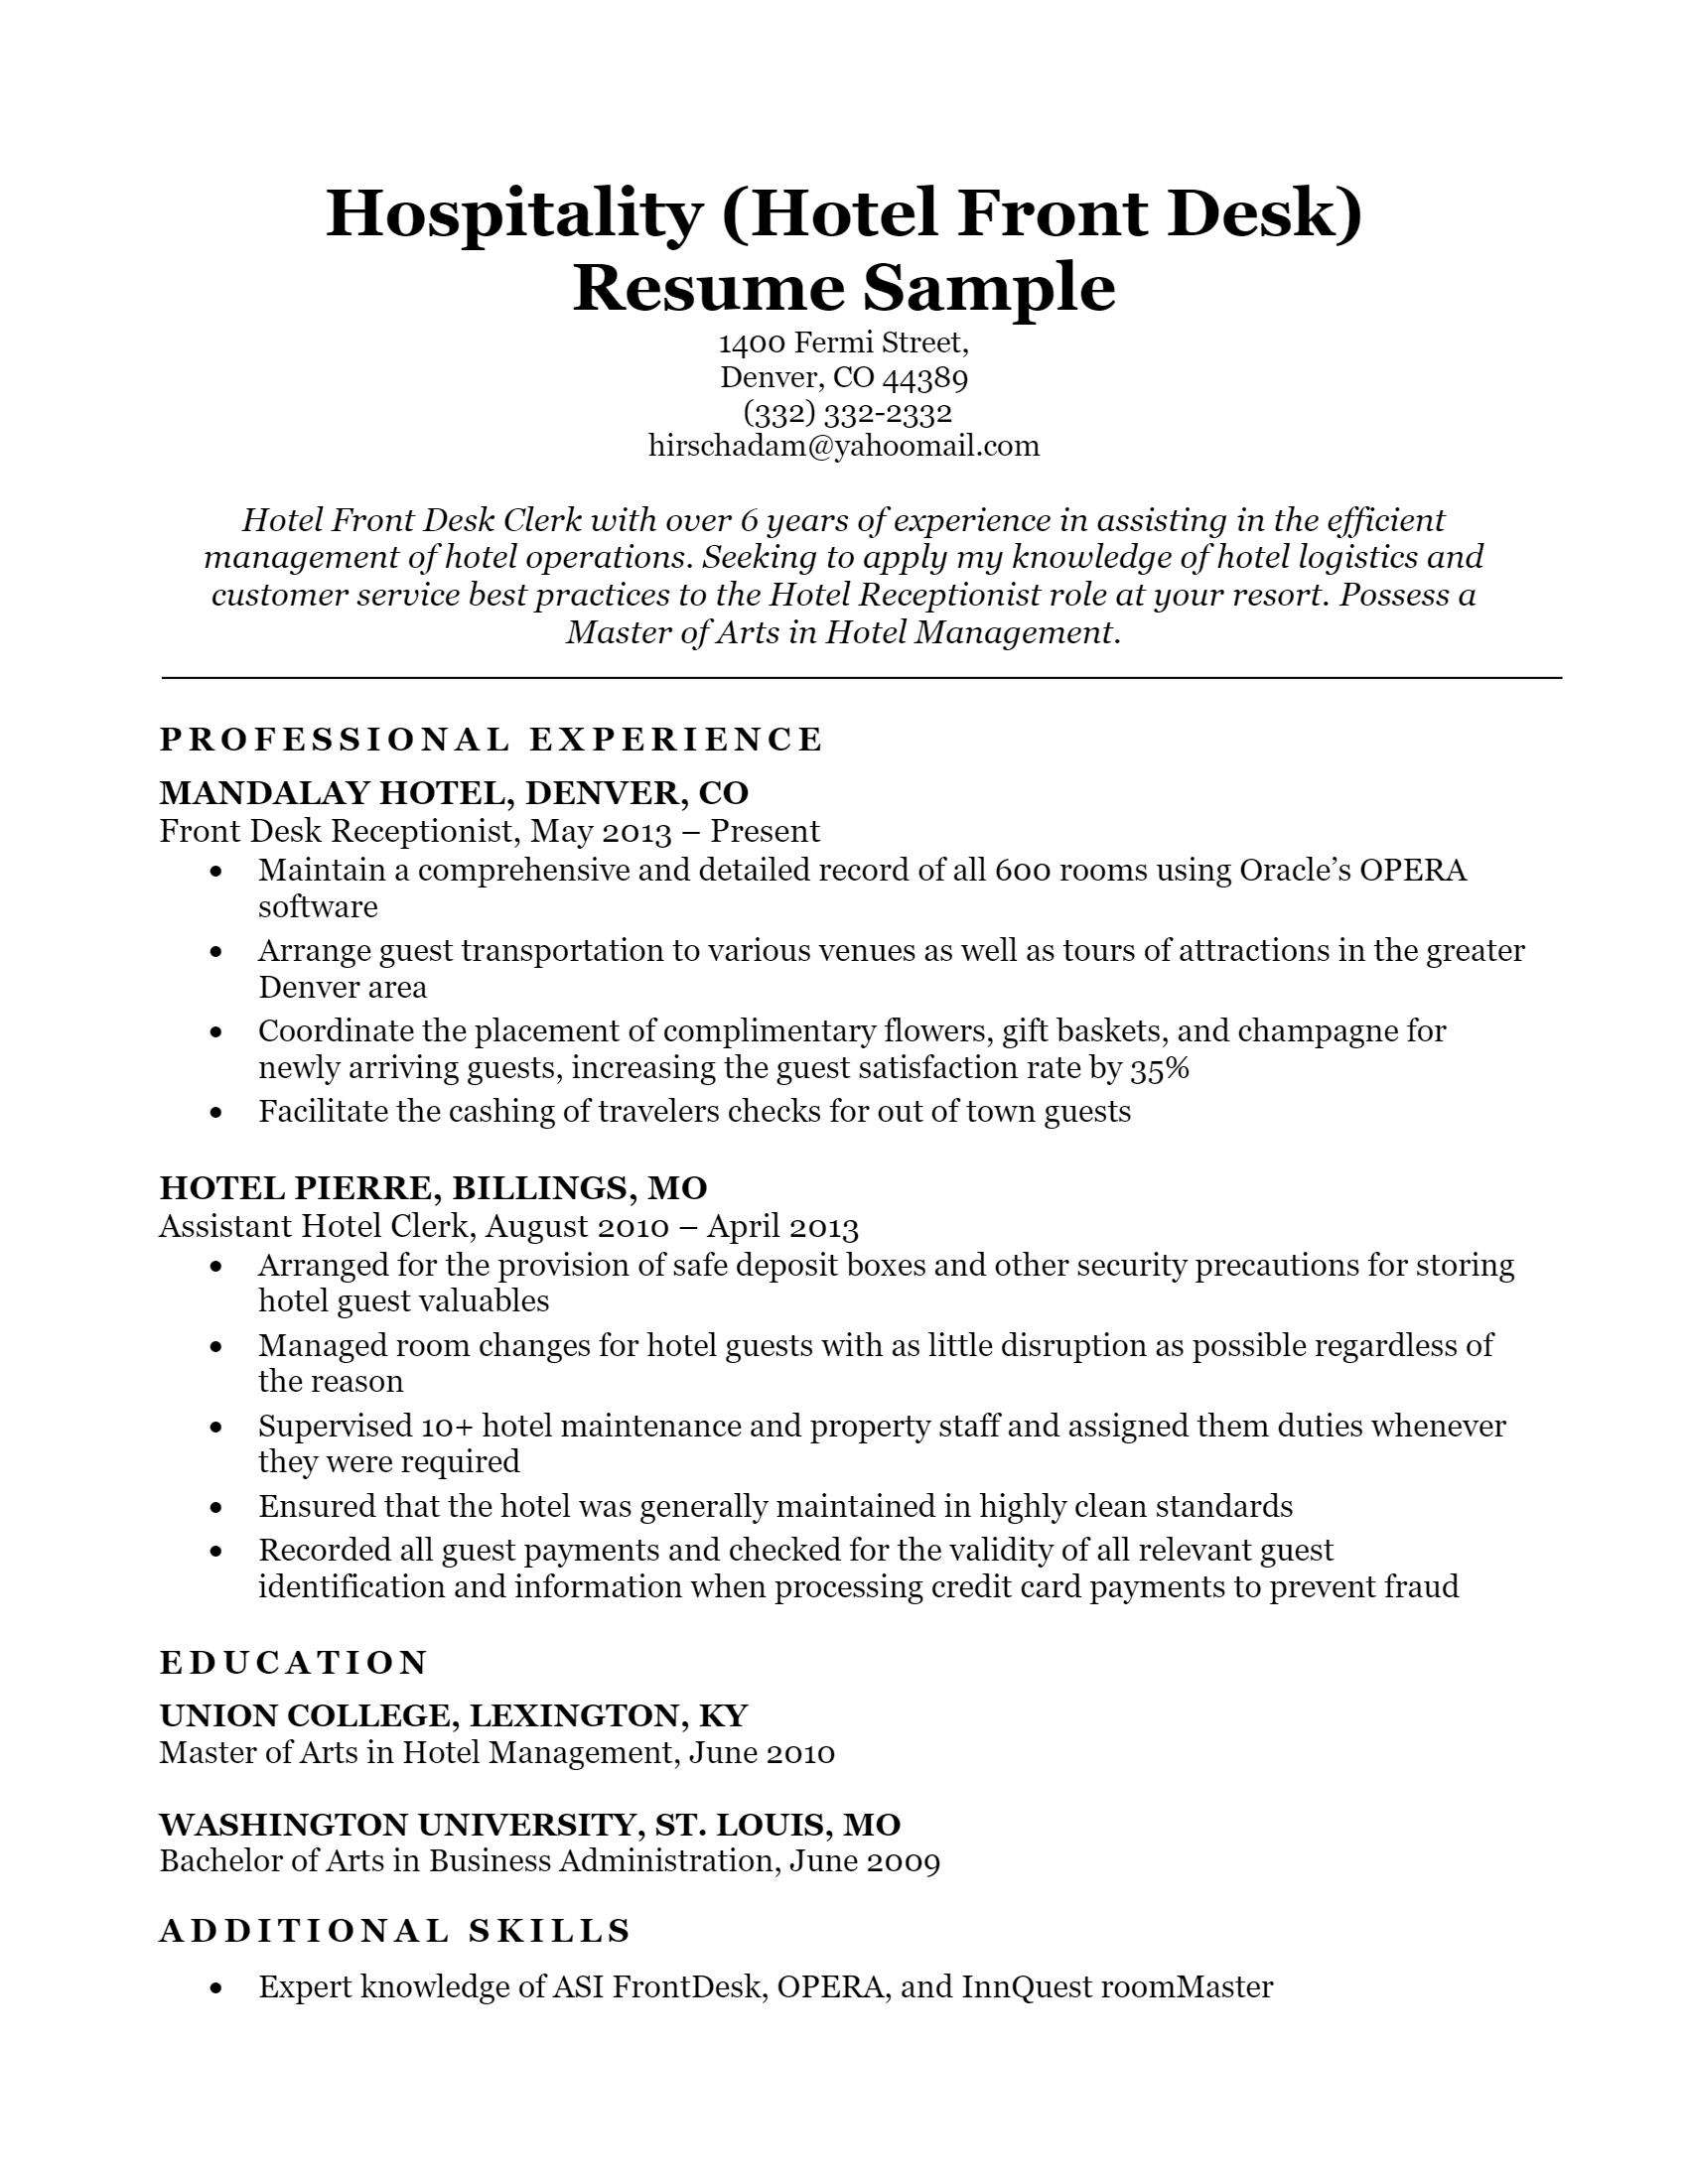 Hotel Front Desk Resume > Hotel Front Desk Resume .Docx (Word)